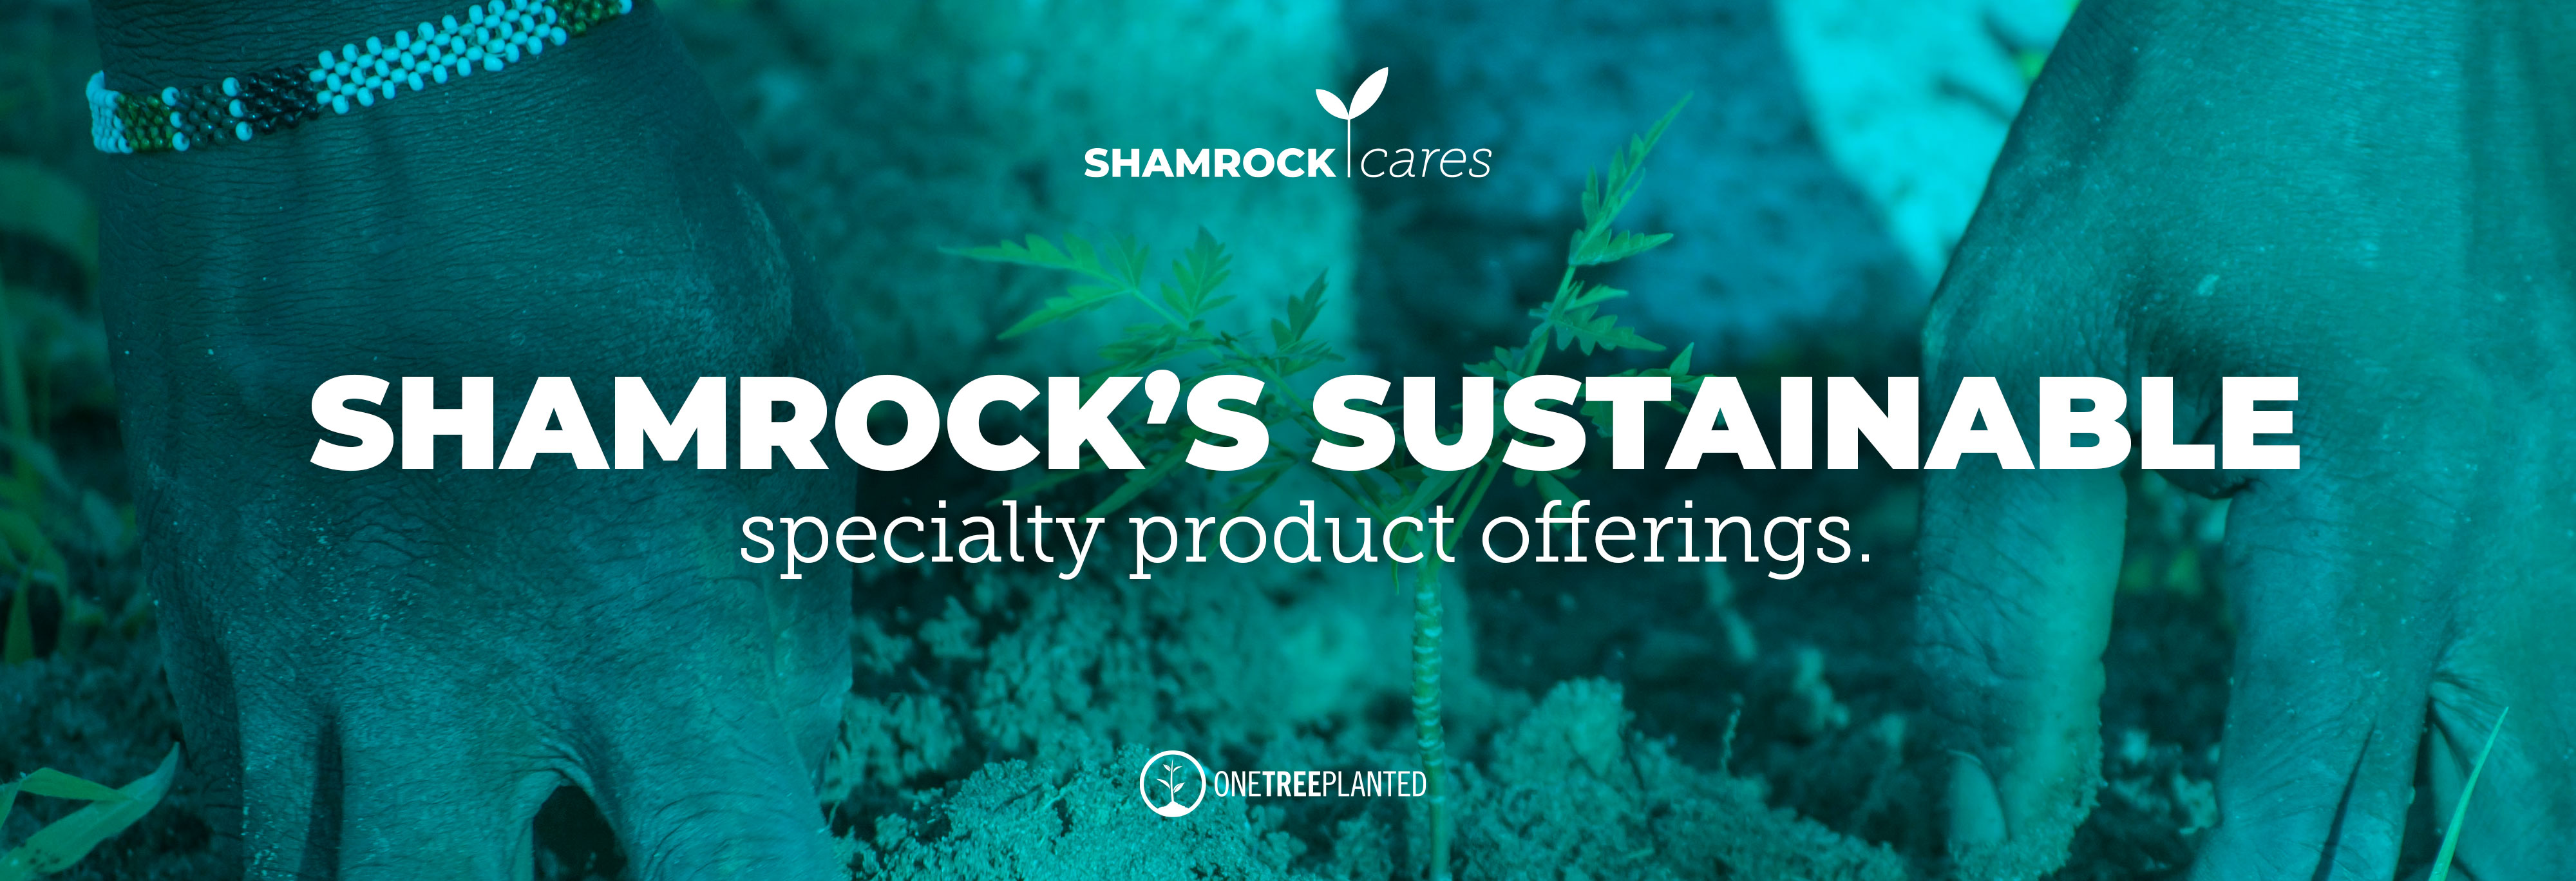 Shamrock Cares 1